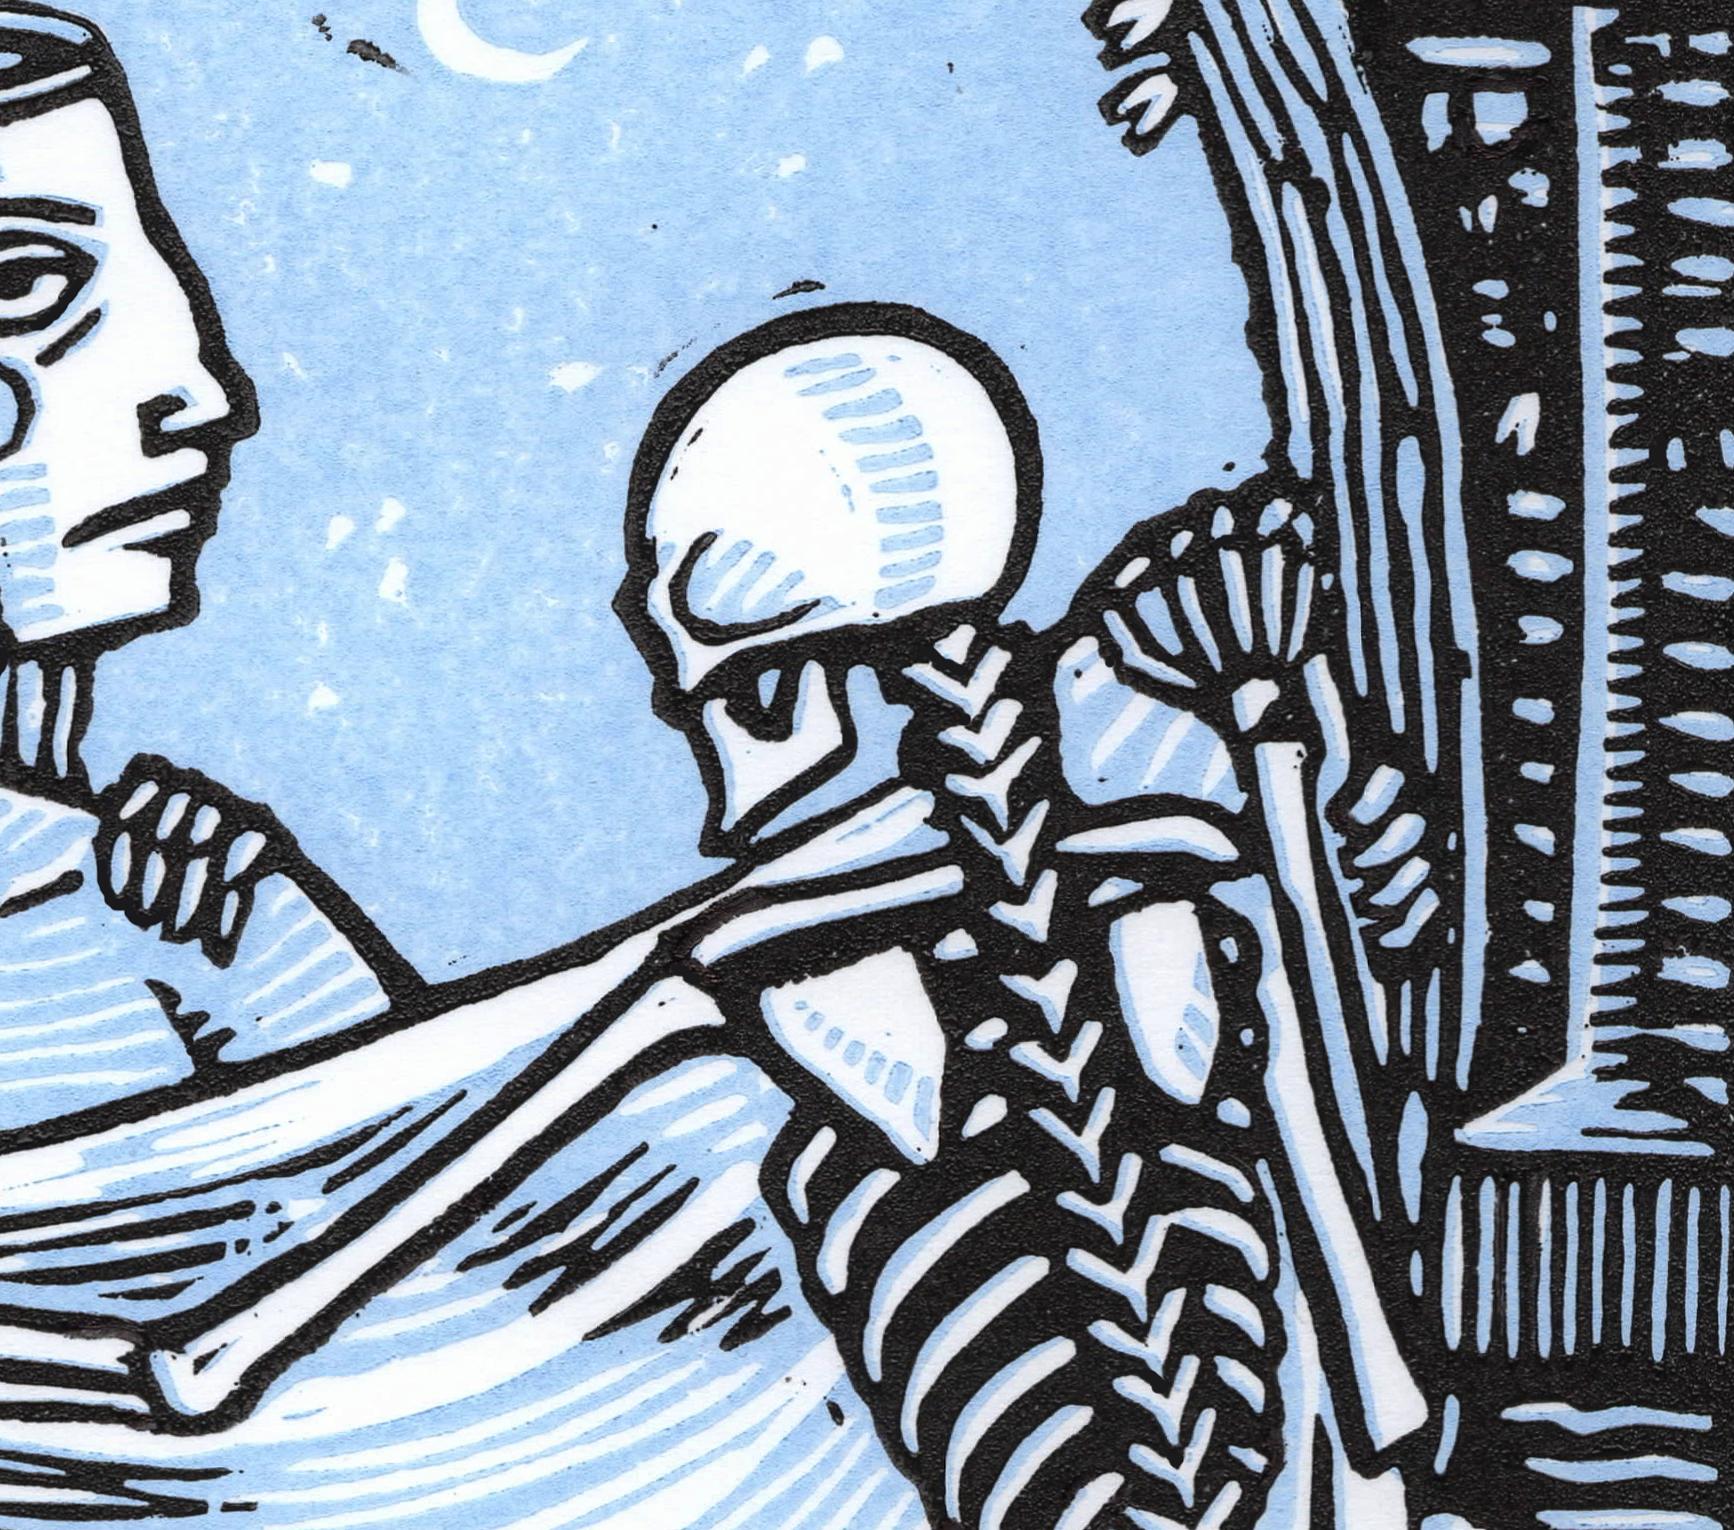 migrant III detail 2.jpg